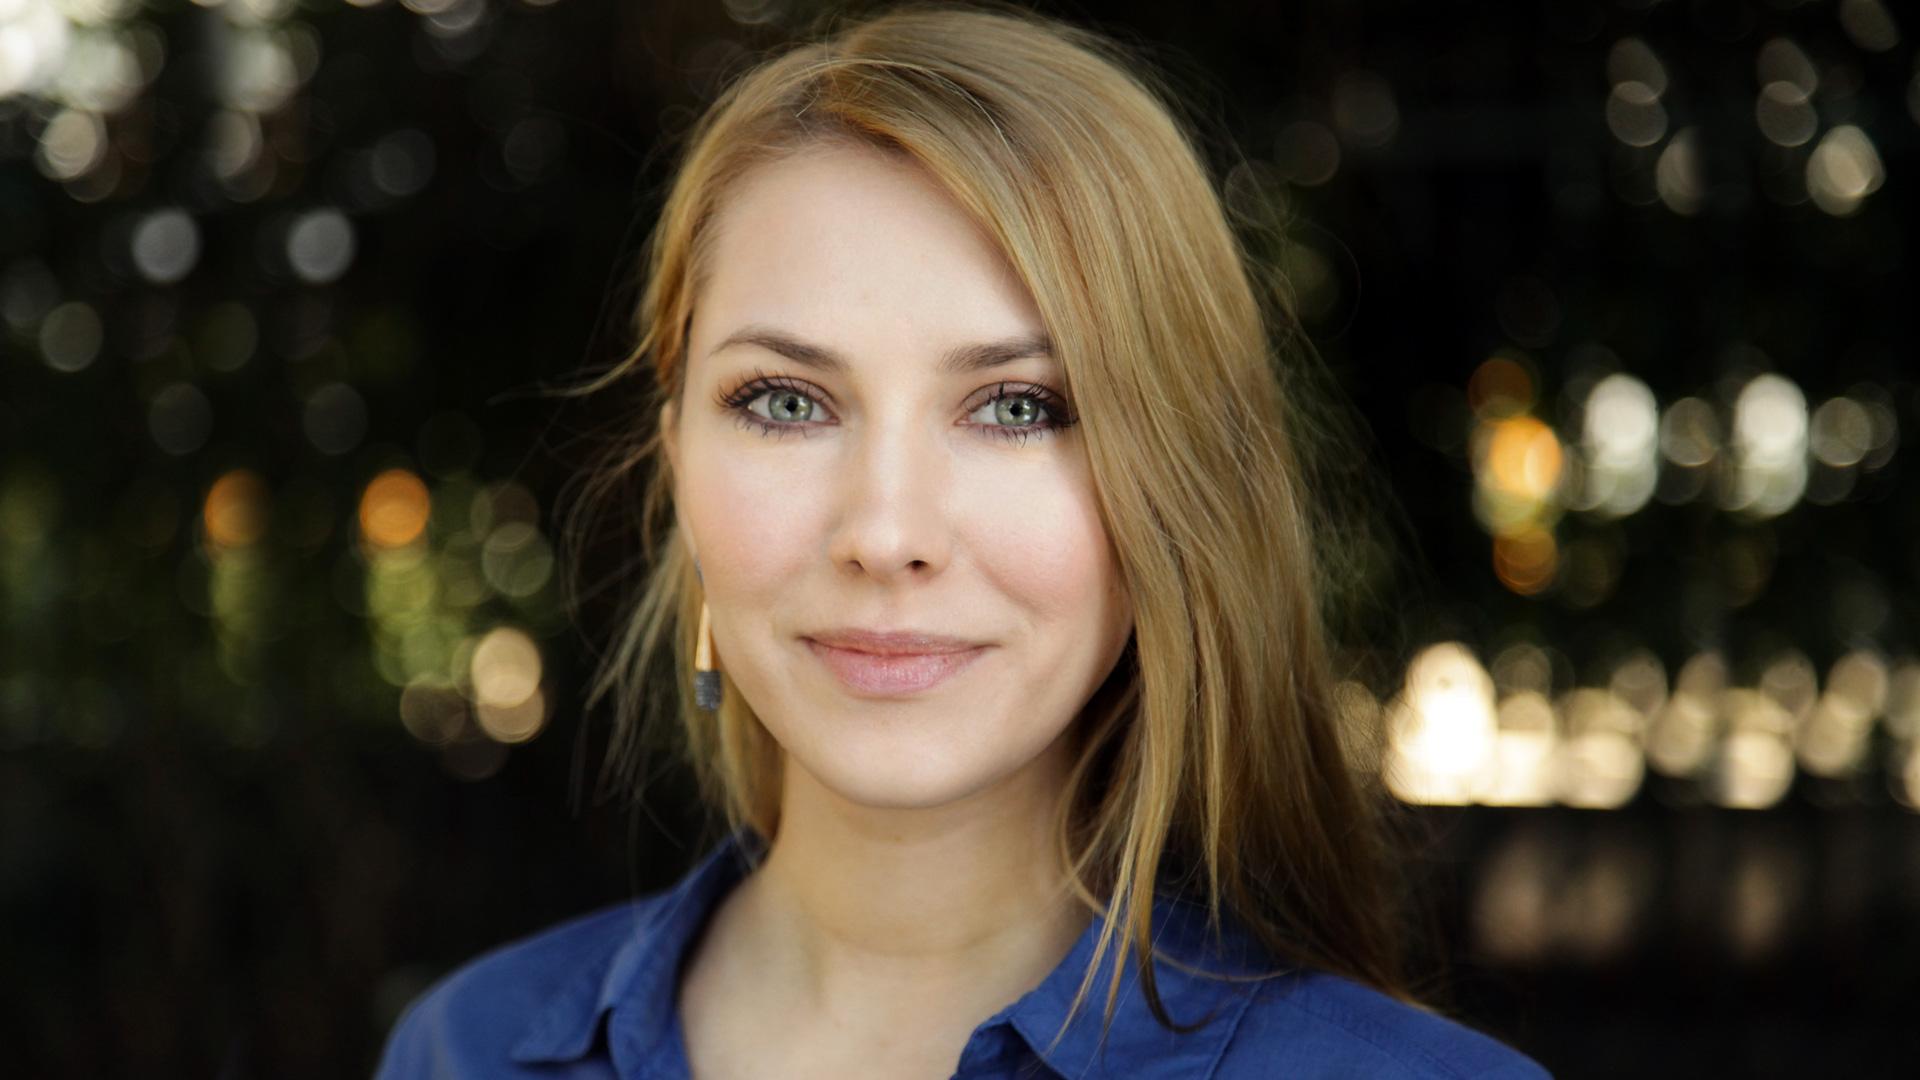 Tatiana Felker